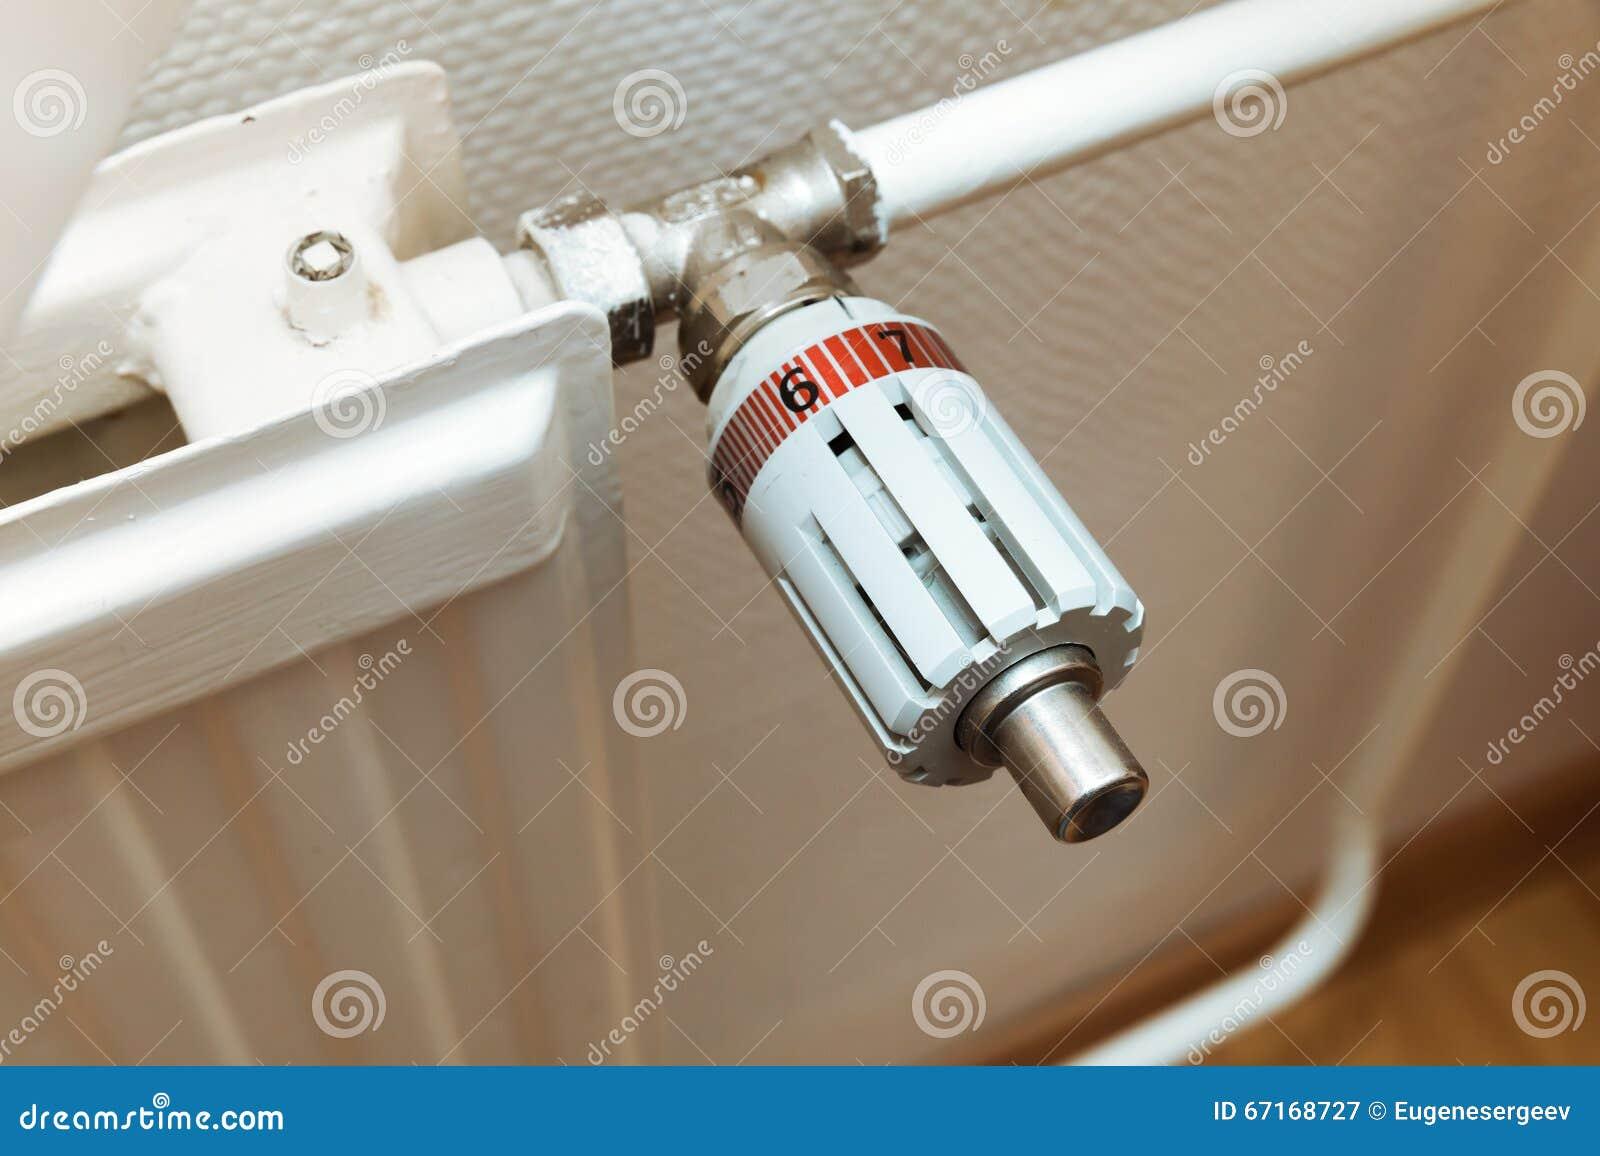 Värmekontroll på ett element Modern husuppvärmning